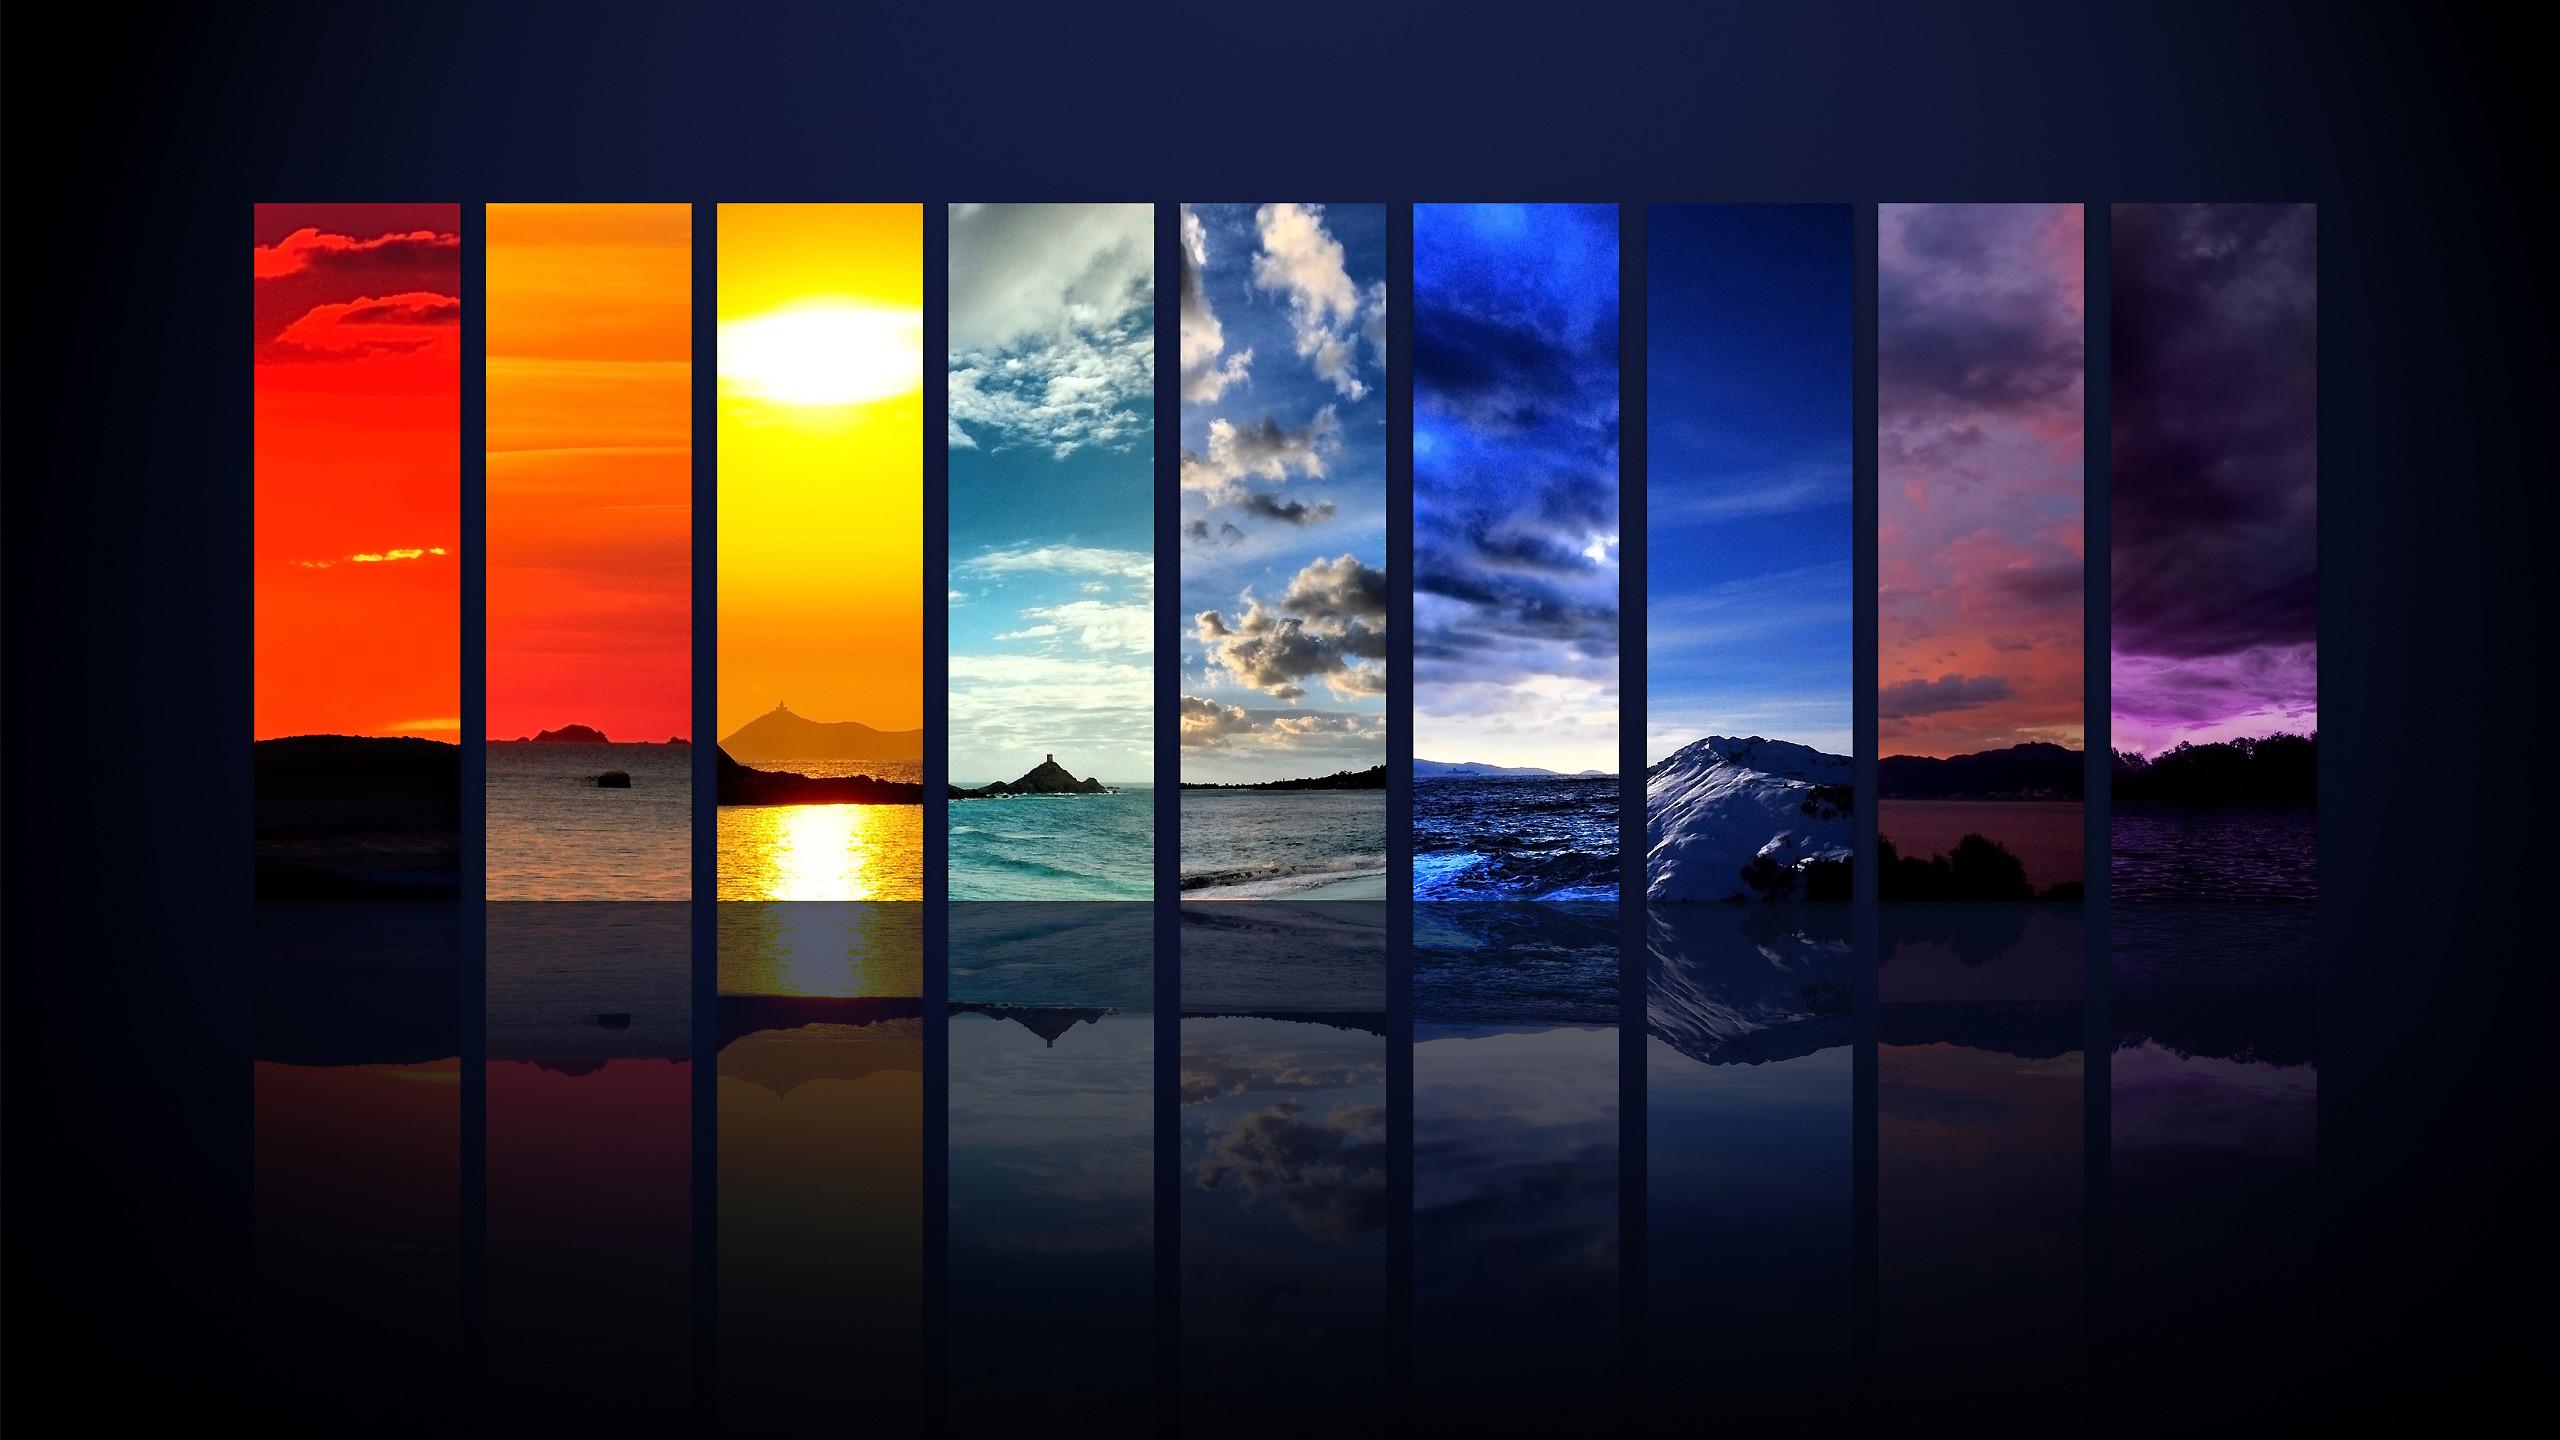 2550 X 1440 Wallpaper 77 images 2560x1440